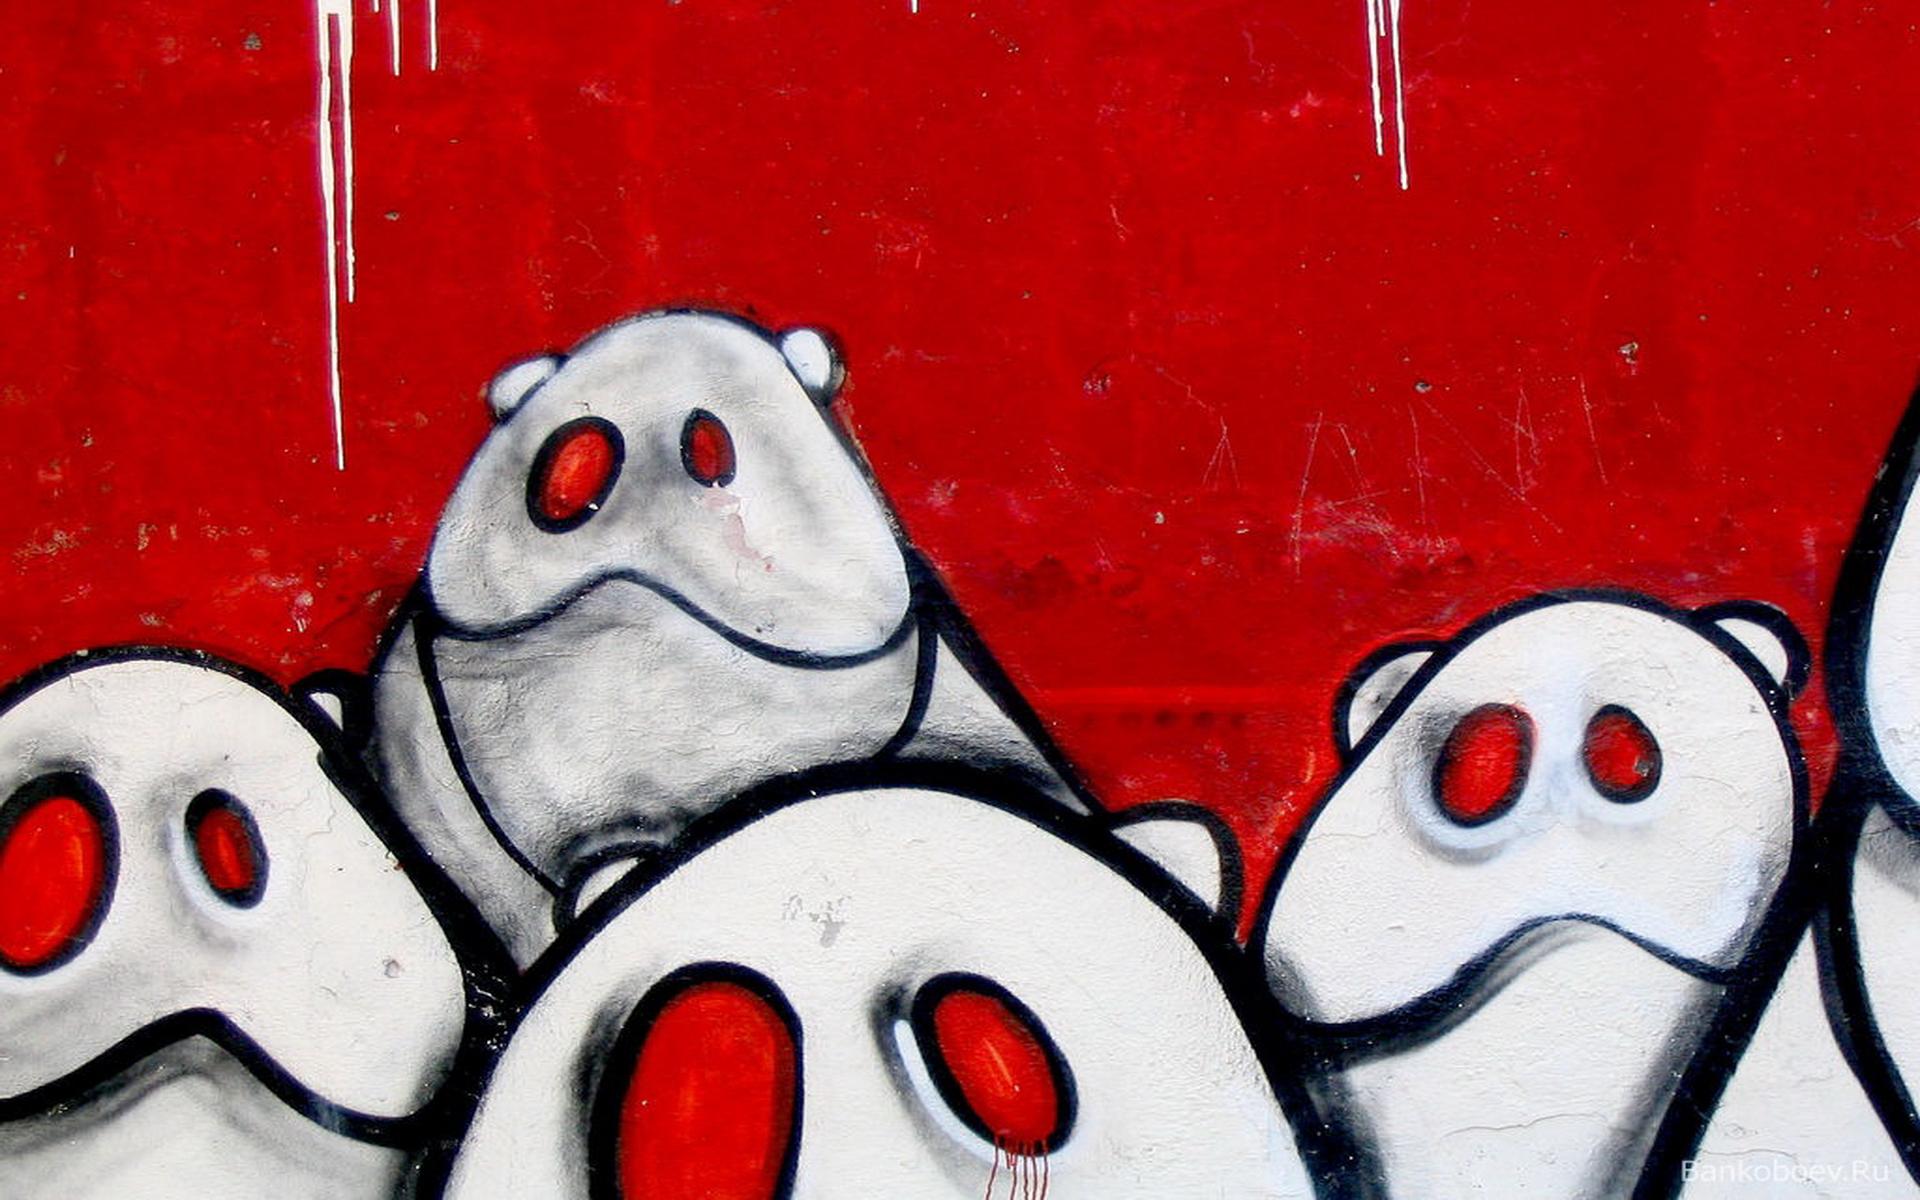 Graffiti art wallpaper - Graffiti Wallpapers Art Wallpapers Paintings Art Wallpaper